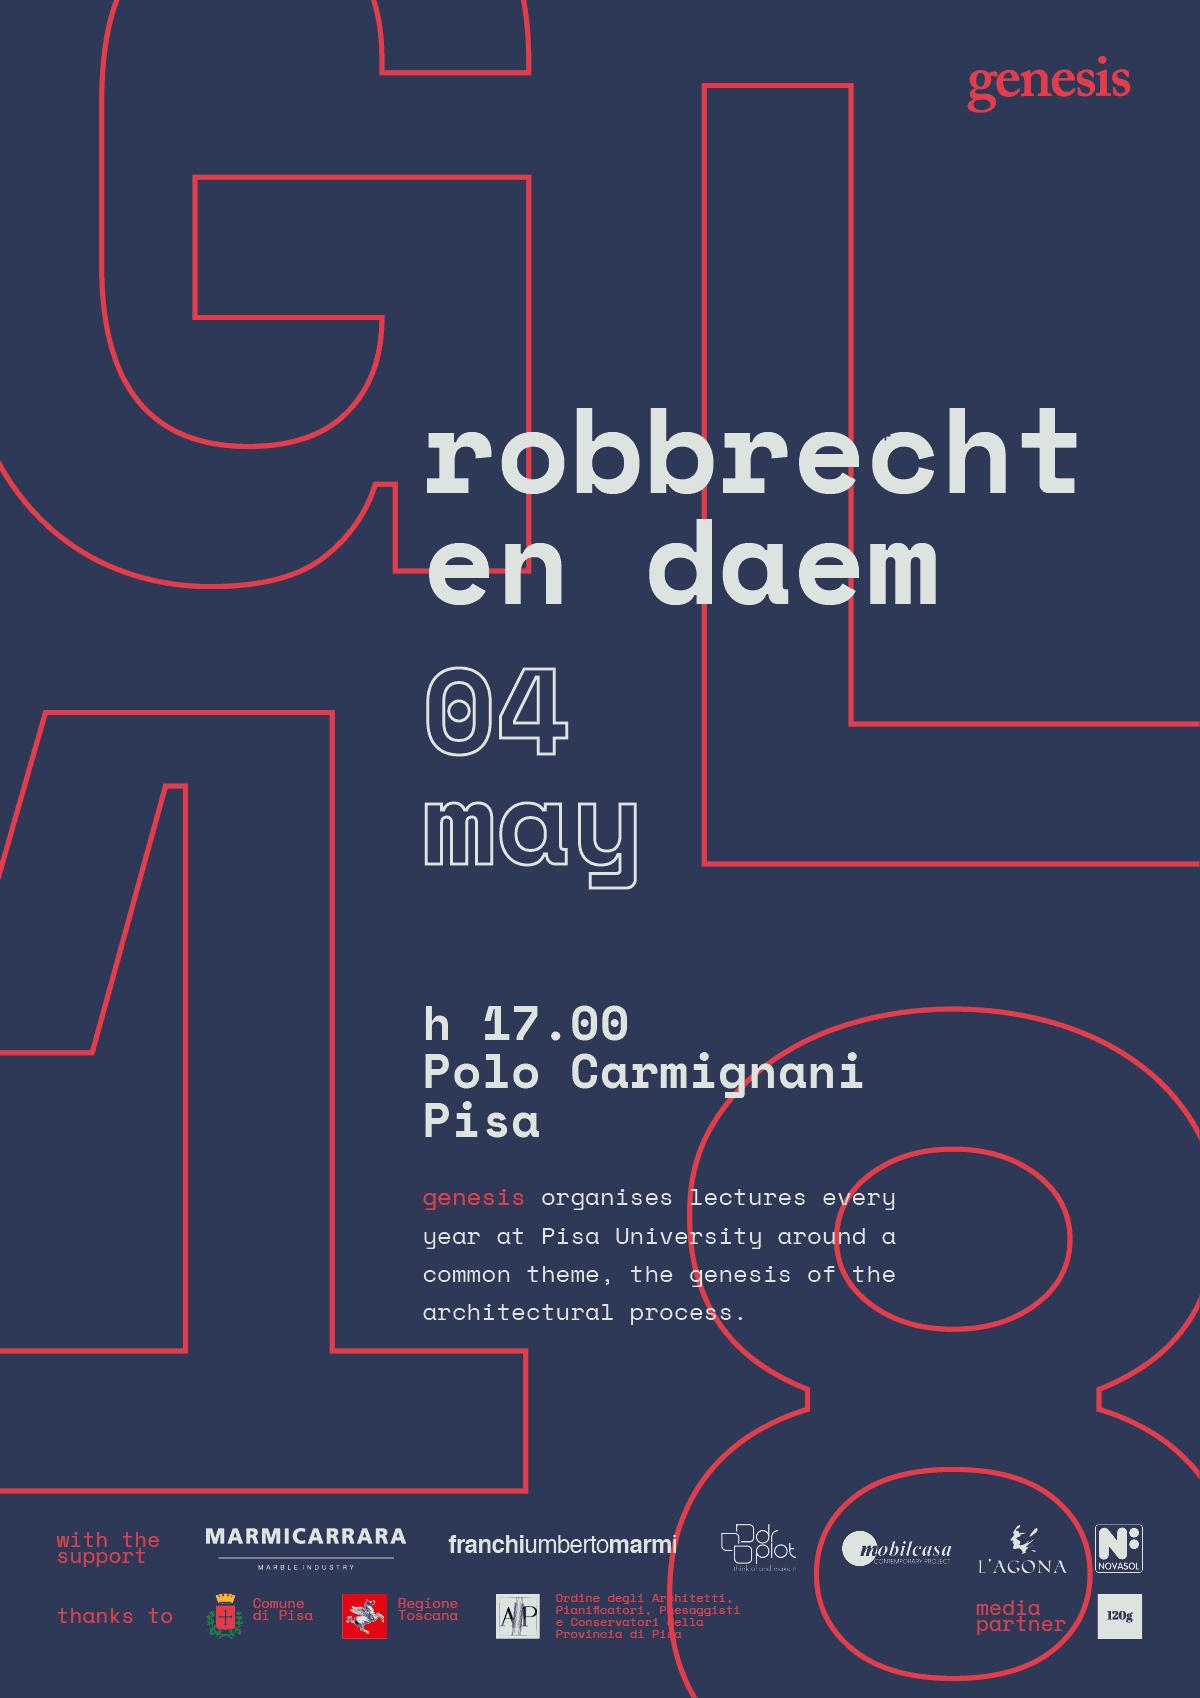 Robbrecht En Daem  poster for Genesis Lectures 2018